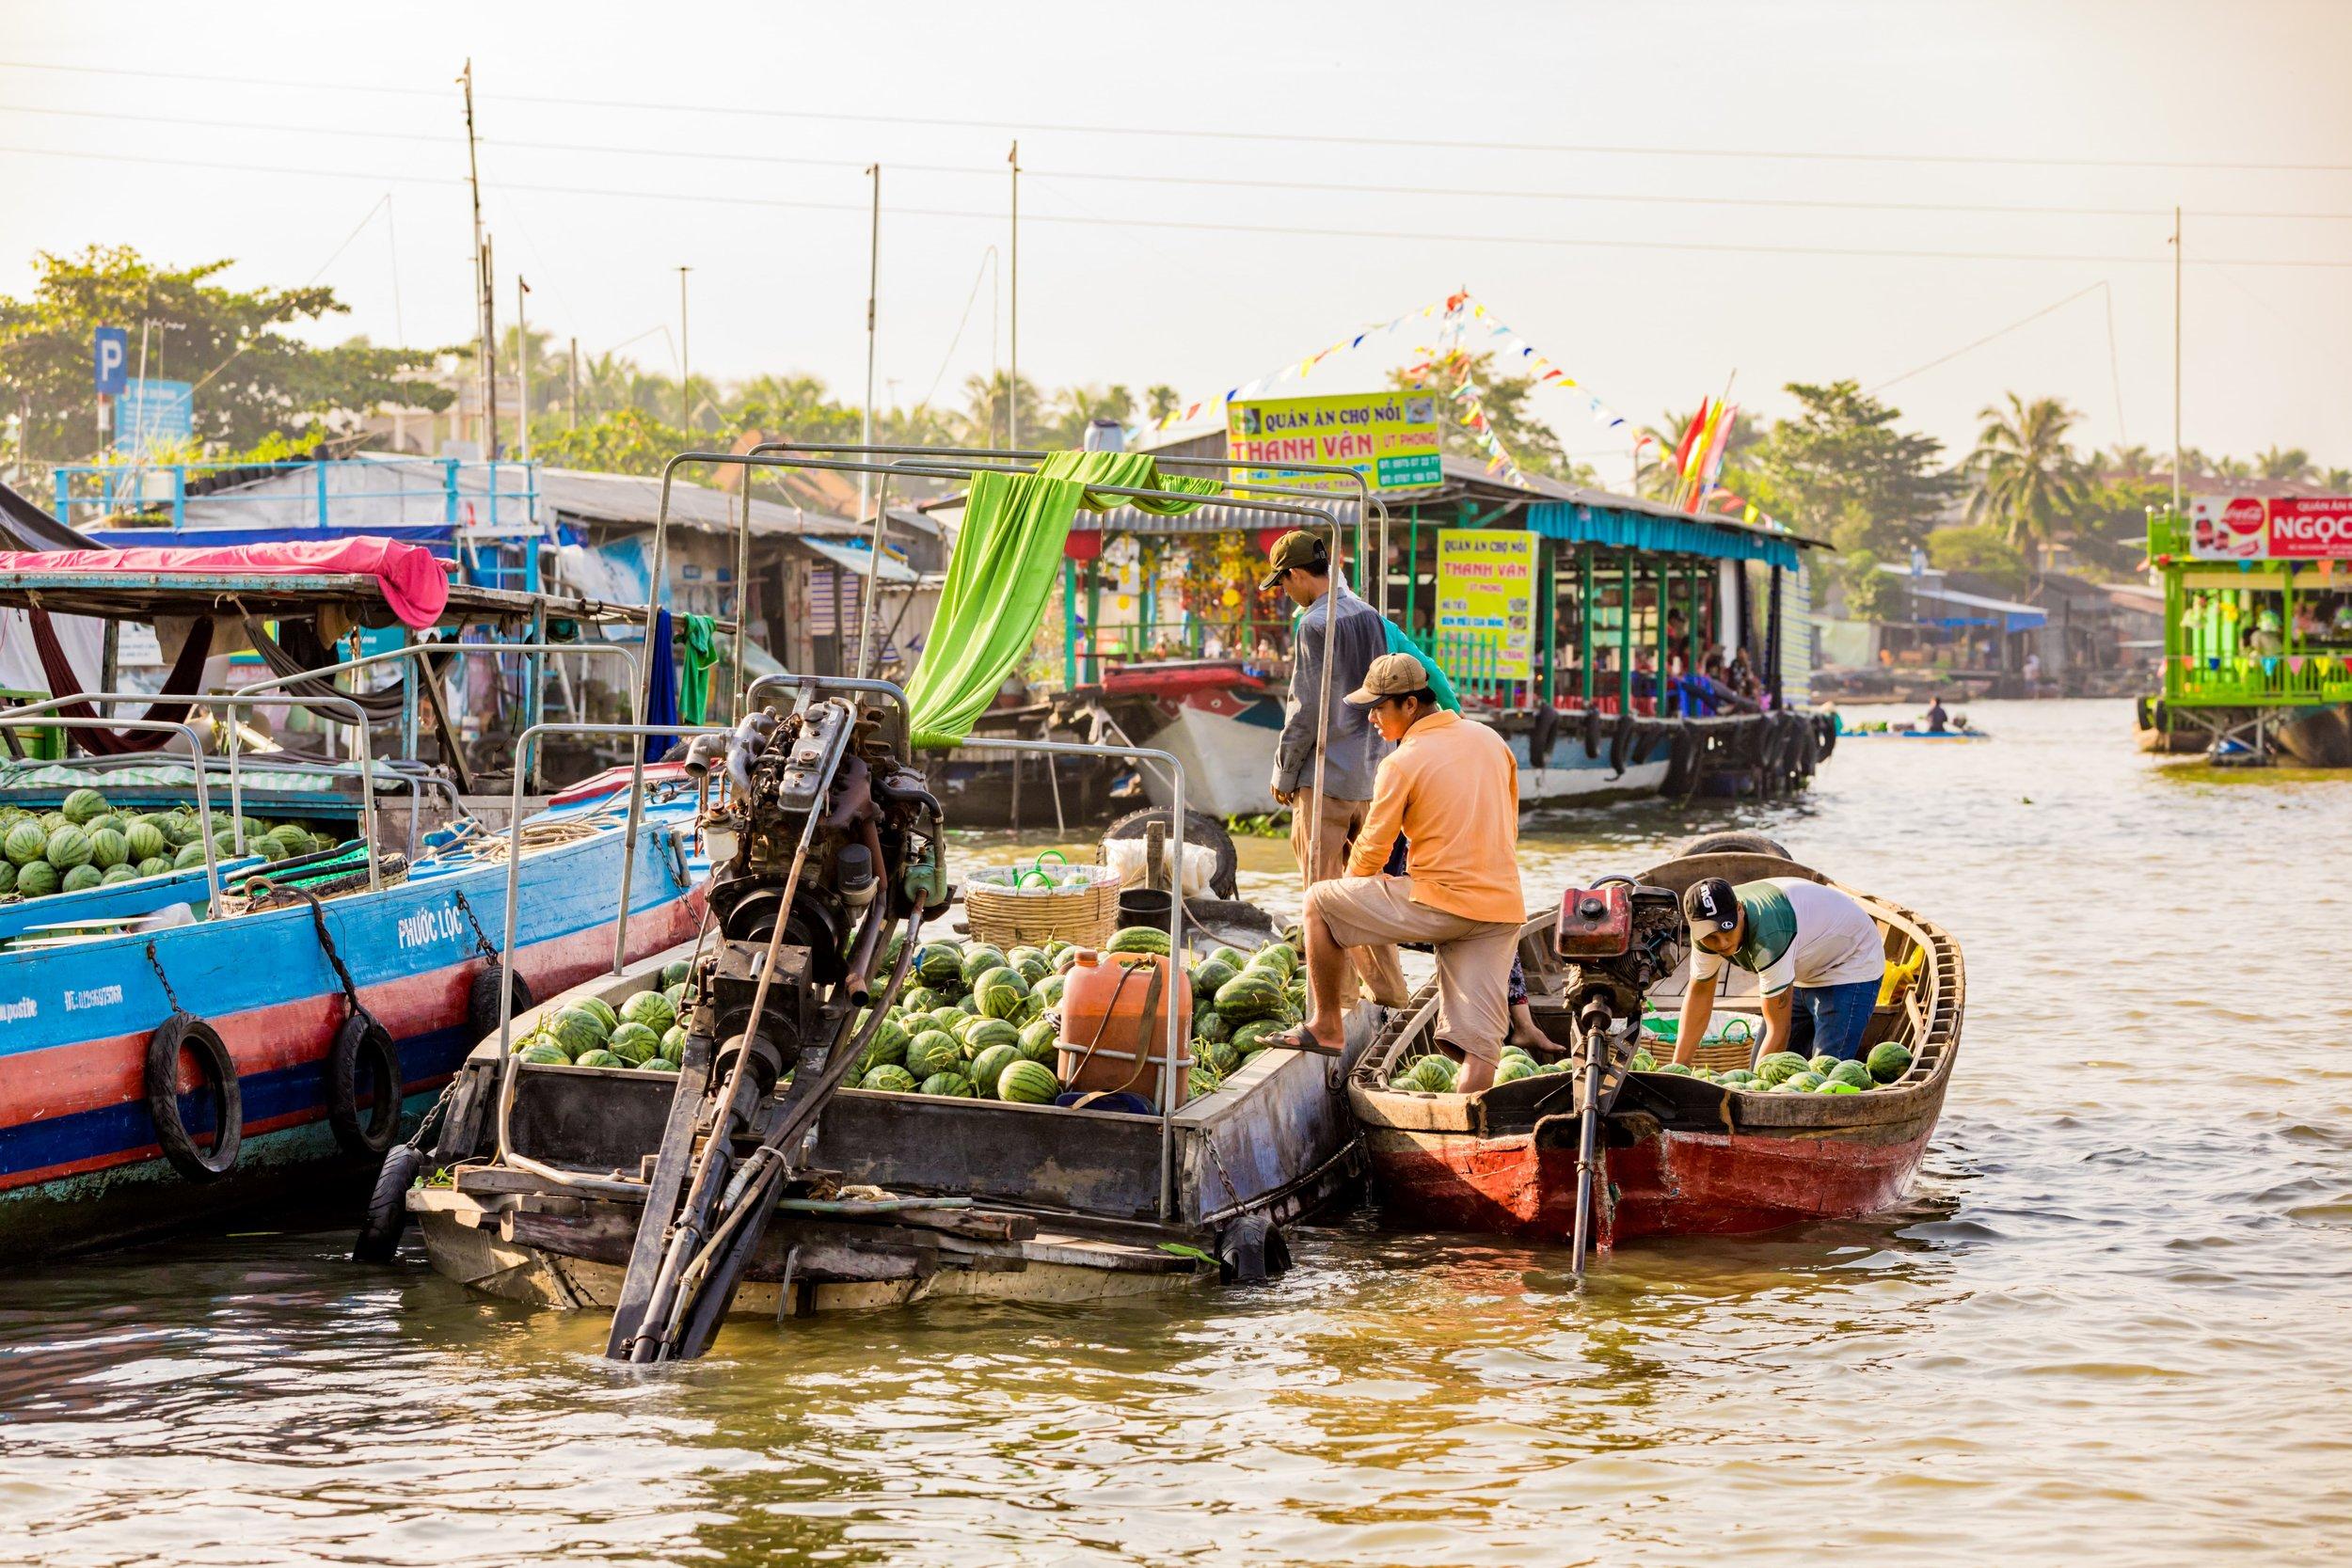 Mekong River Delta Floating Market Fruits